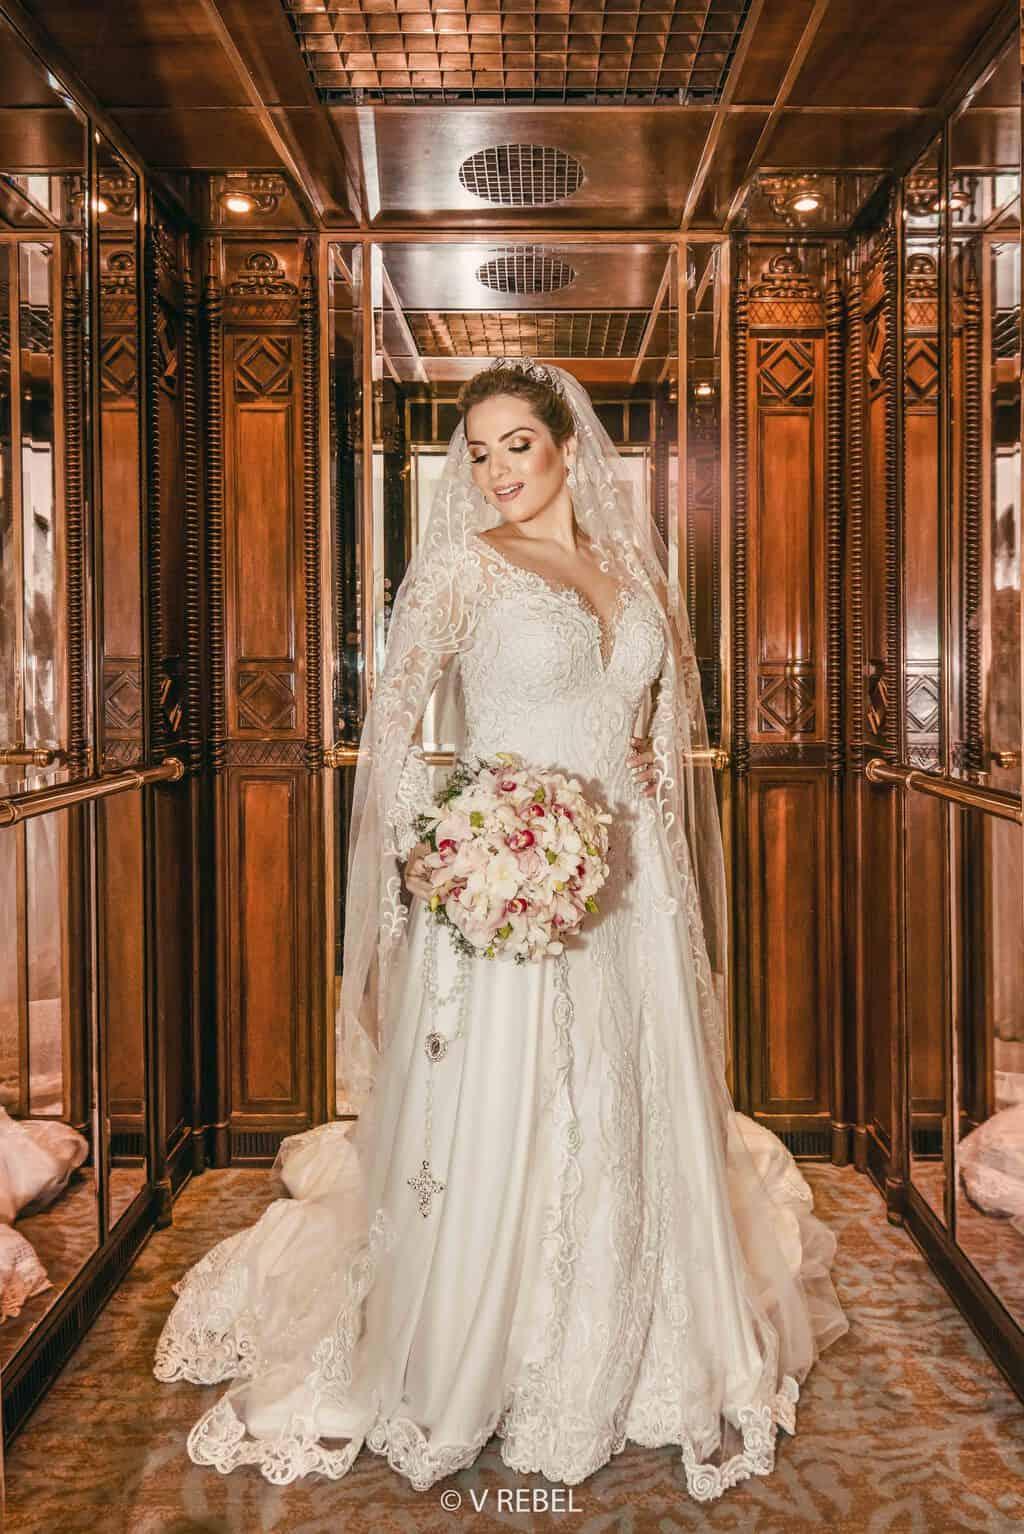 casamento-Caroline-e-Breno-casamento-clássico-fotografia-VRebel-making-of24